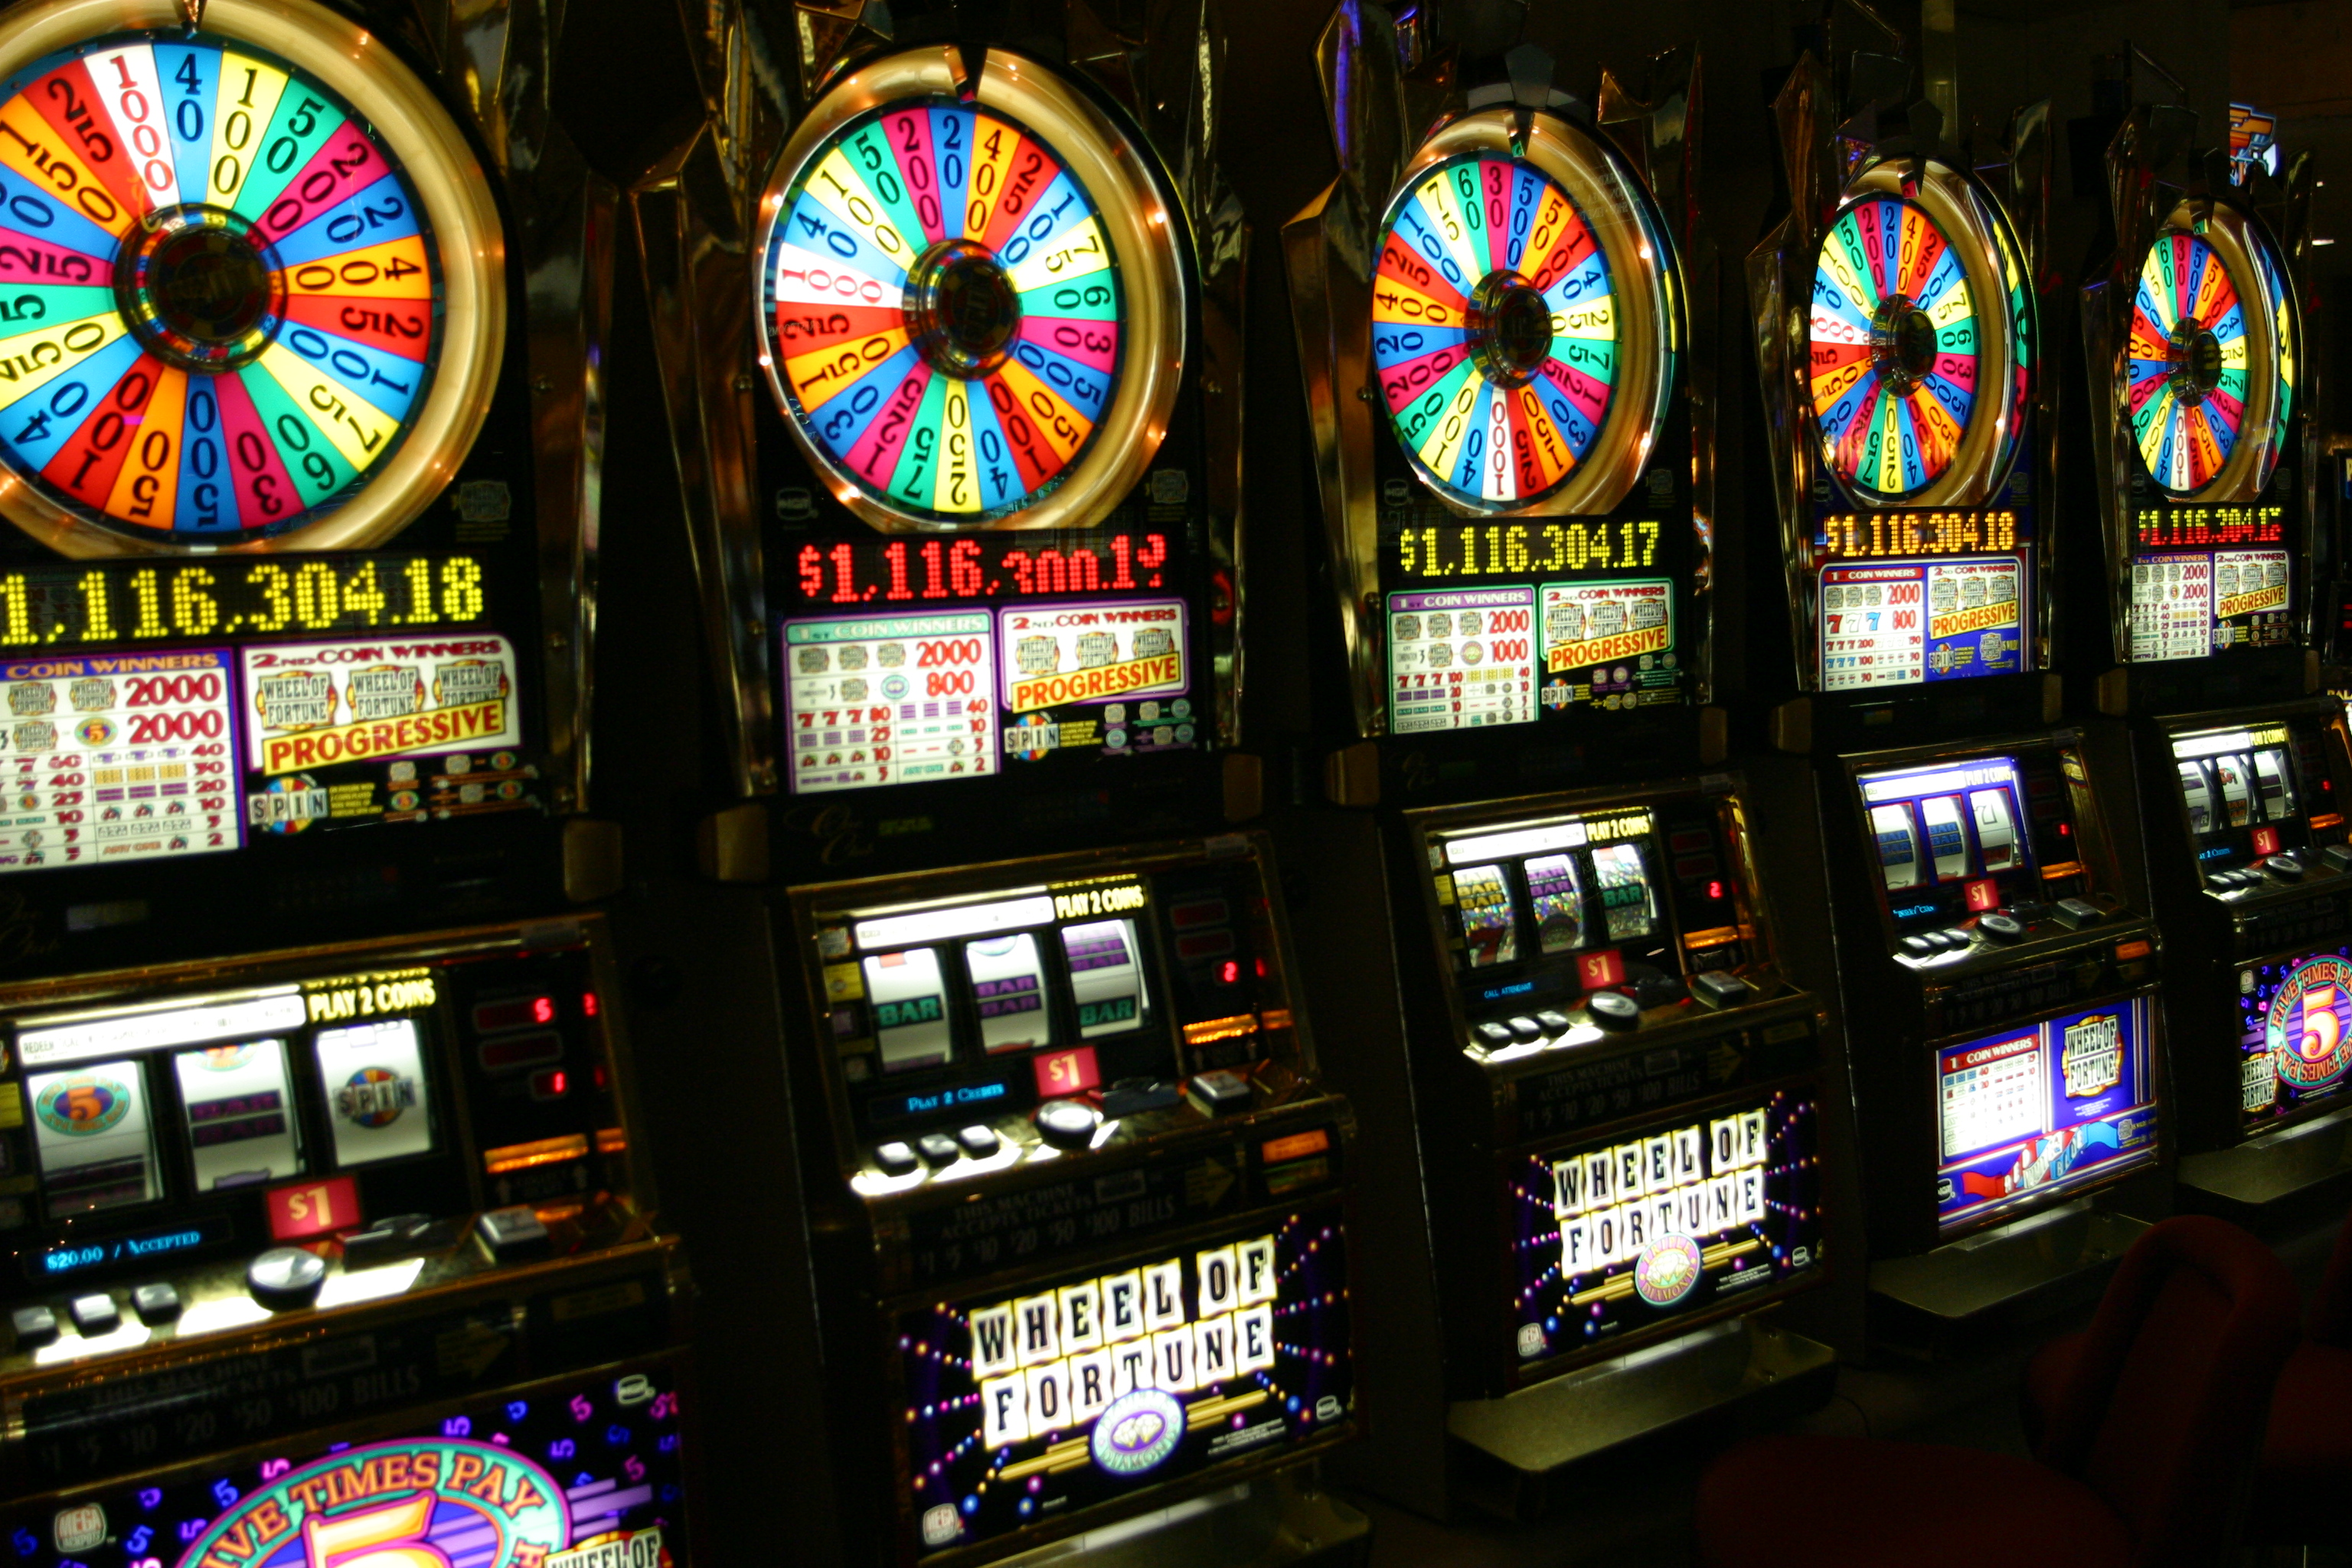 Slot Machine - der Moderne einarmige Bandit